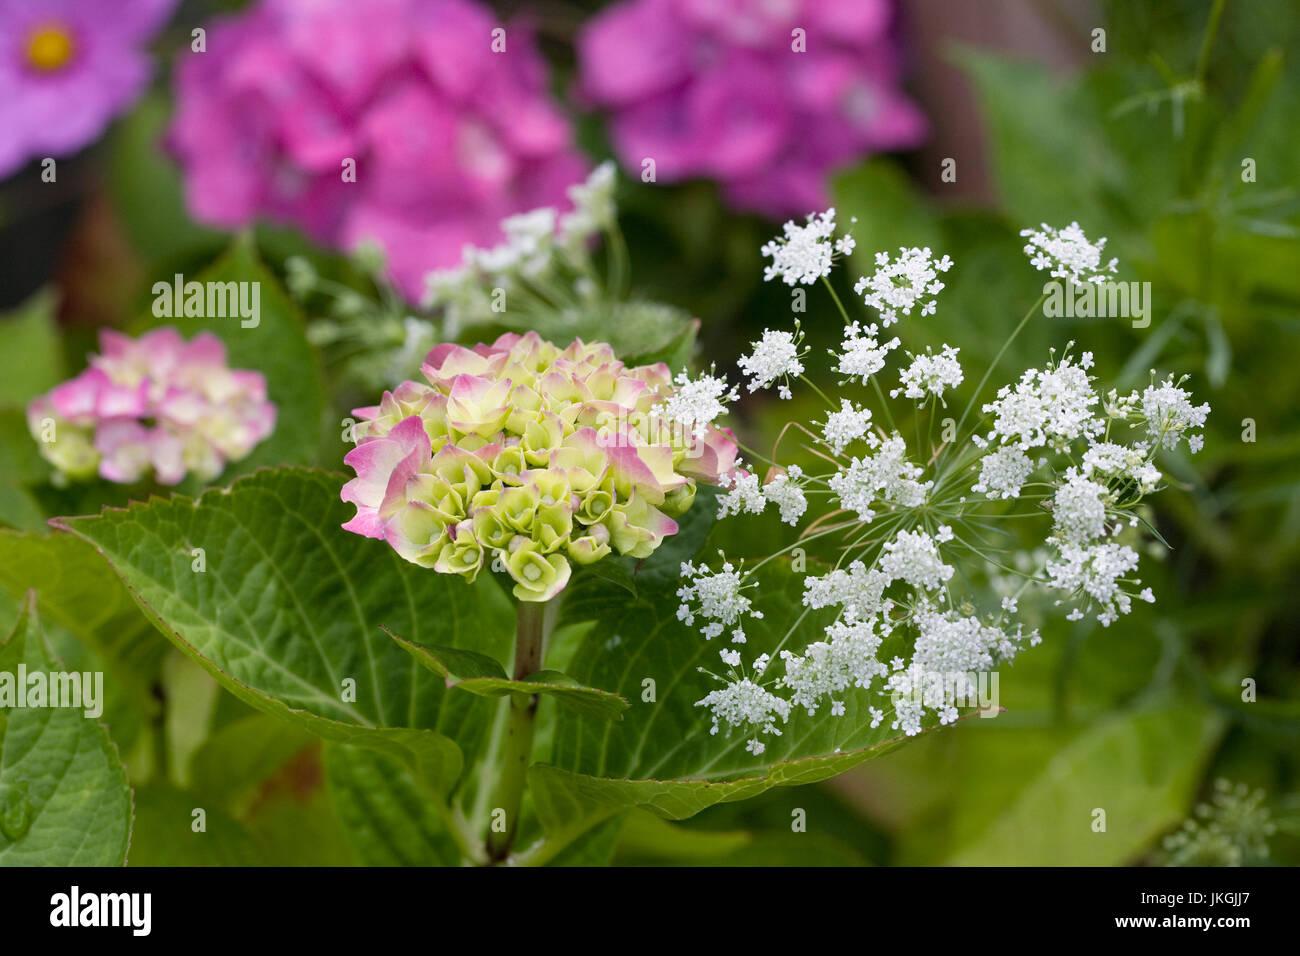 Hortensie und Ammi Majus Blumen im Garten. Stockfoto